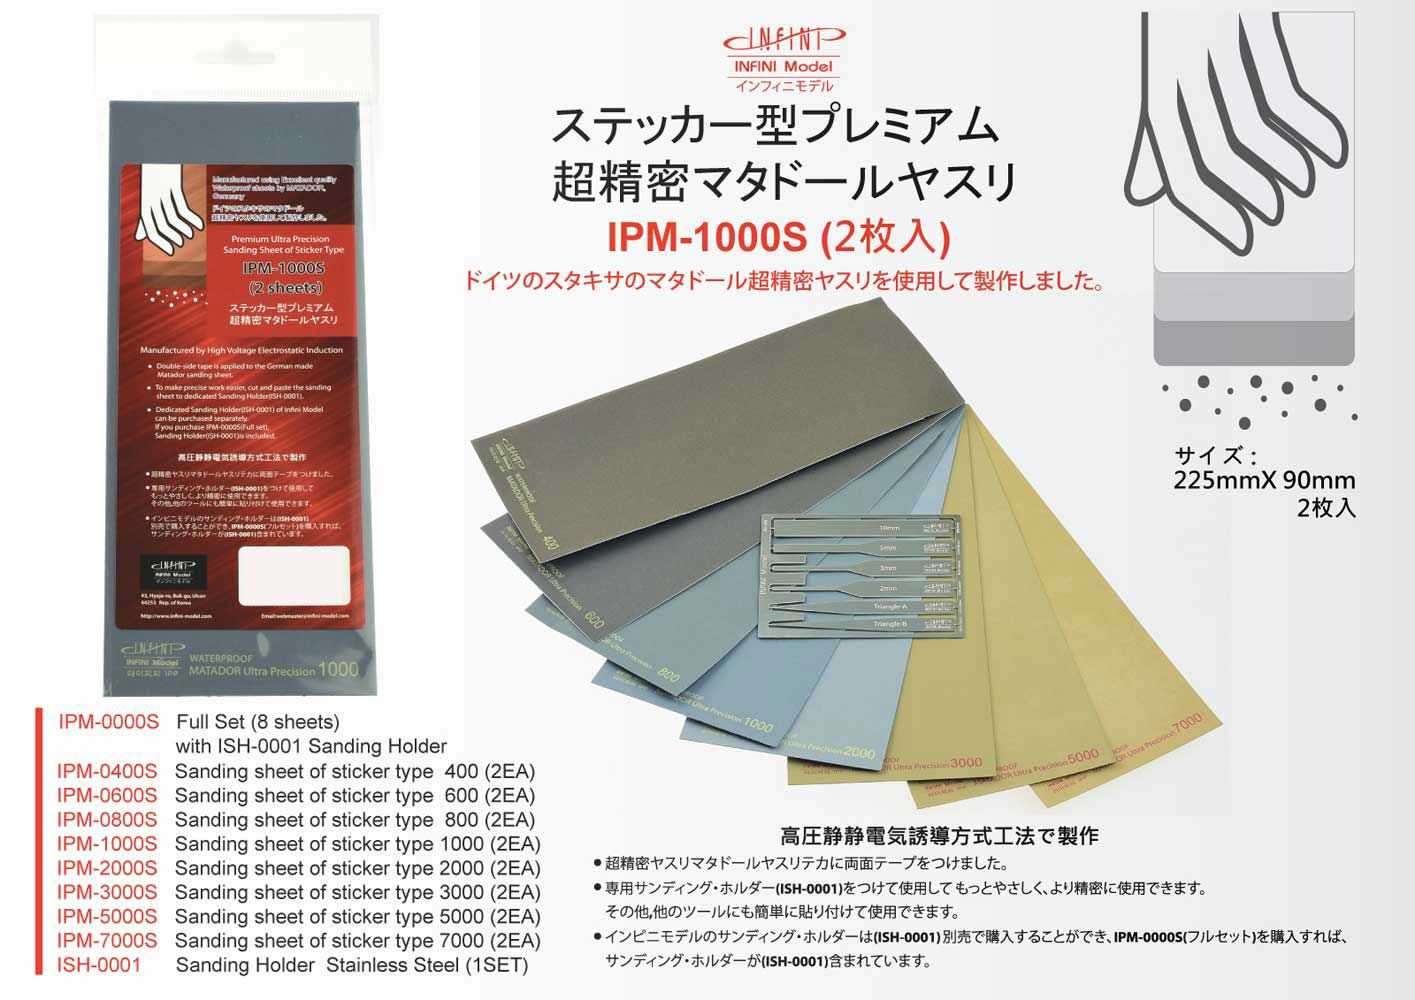 【インフィニモデル製 輸入品】 本体価格:500円 JANコード:4986470065694